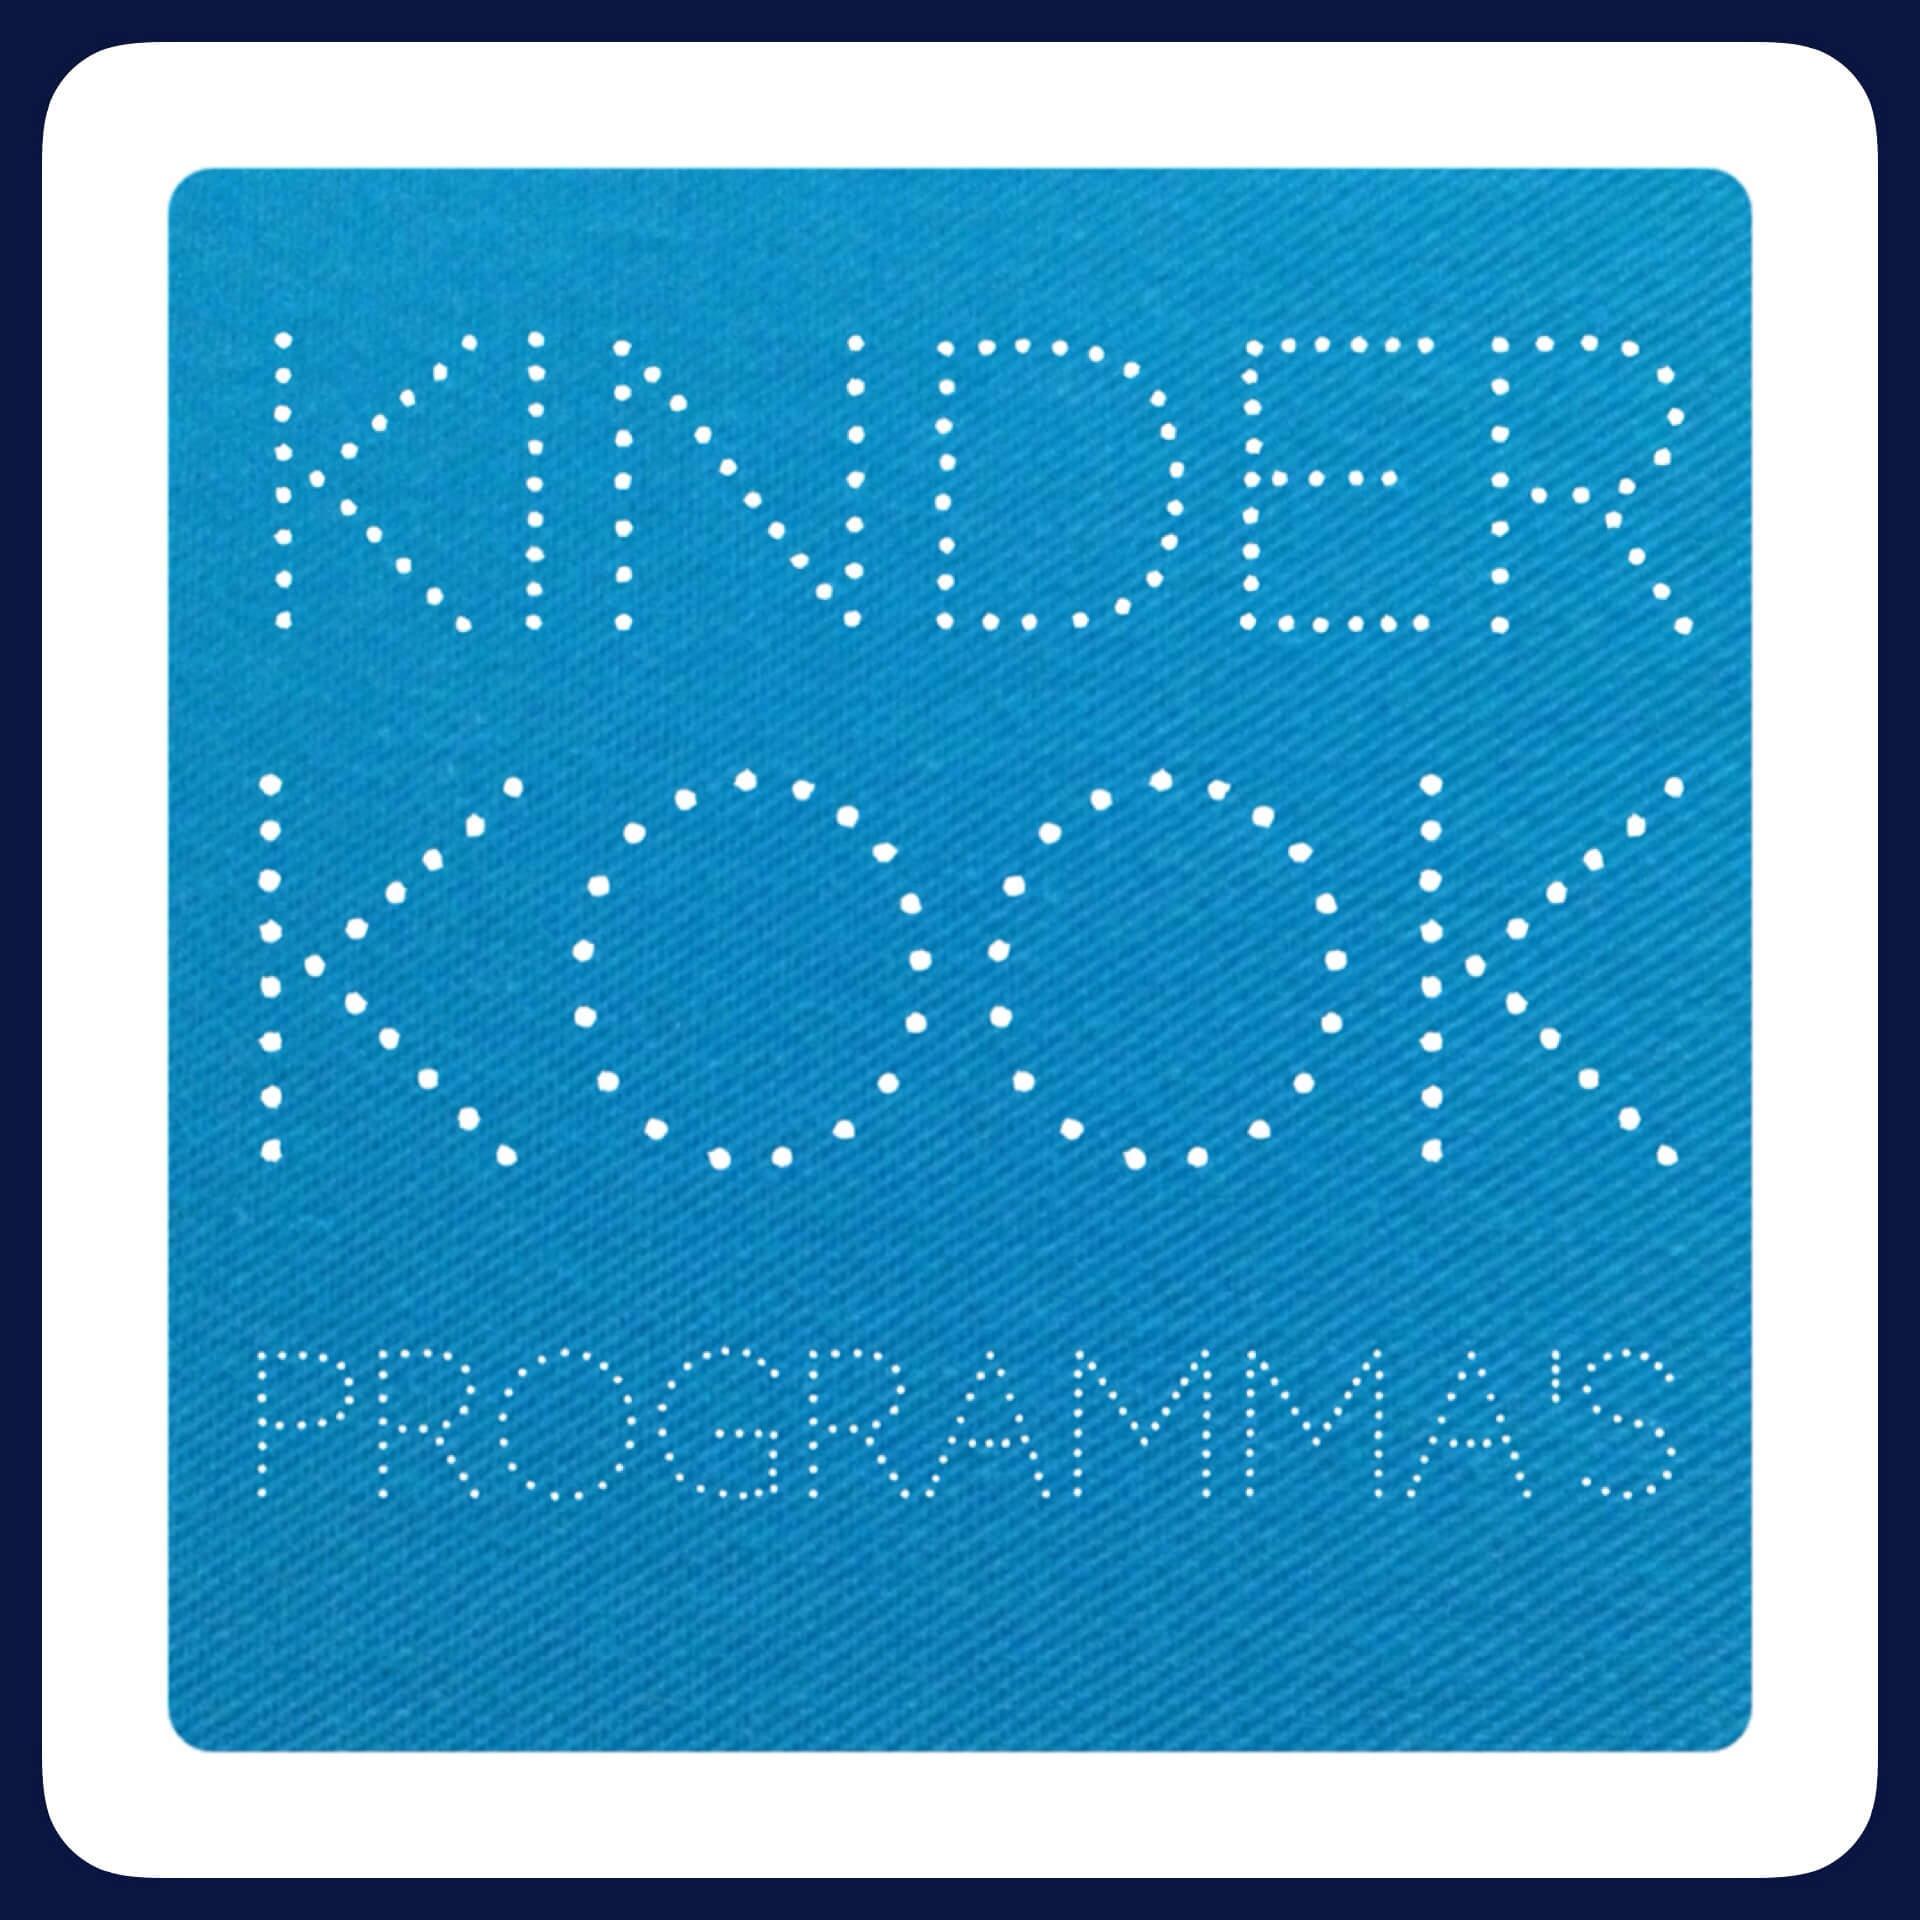 Kinderkookprogramma's op televisie